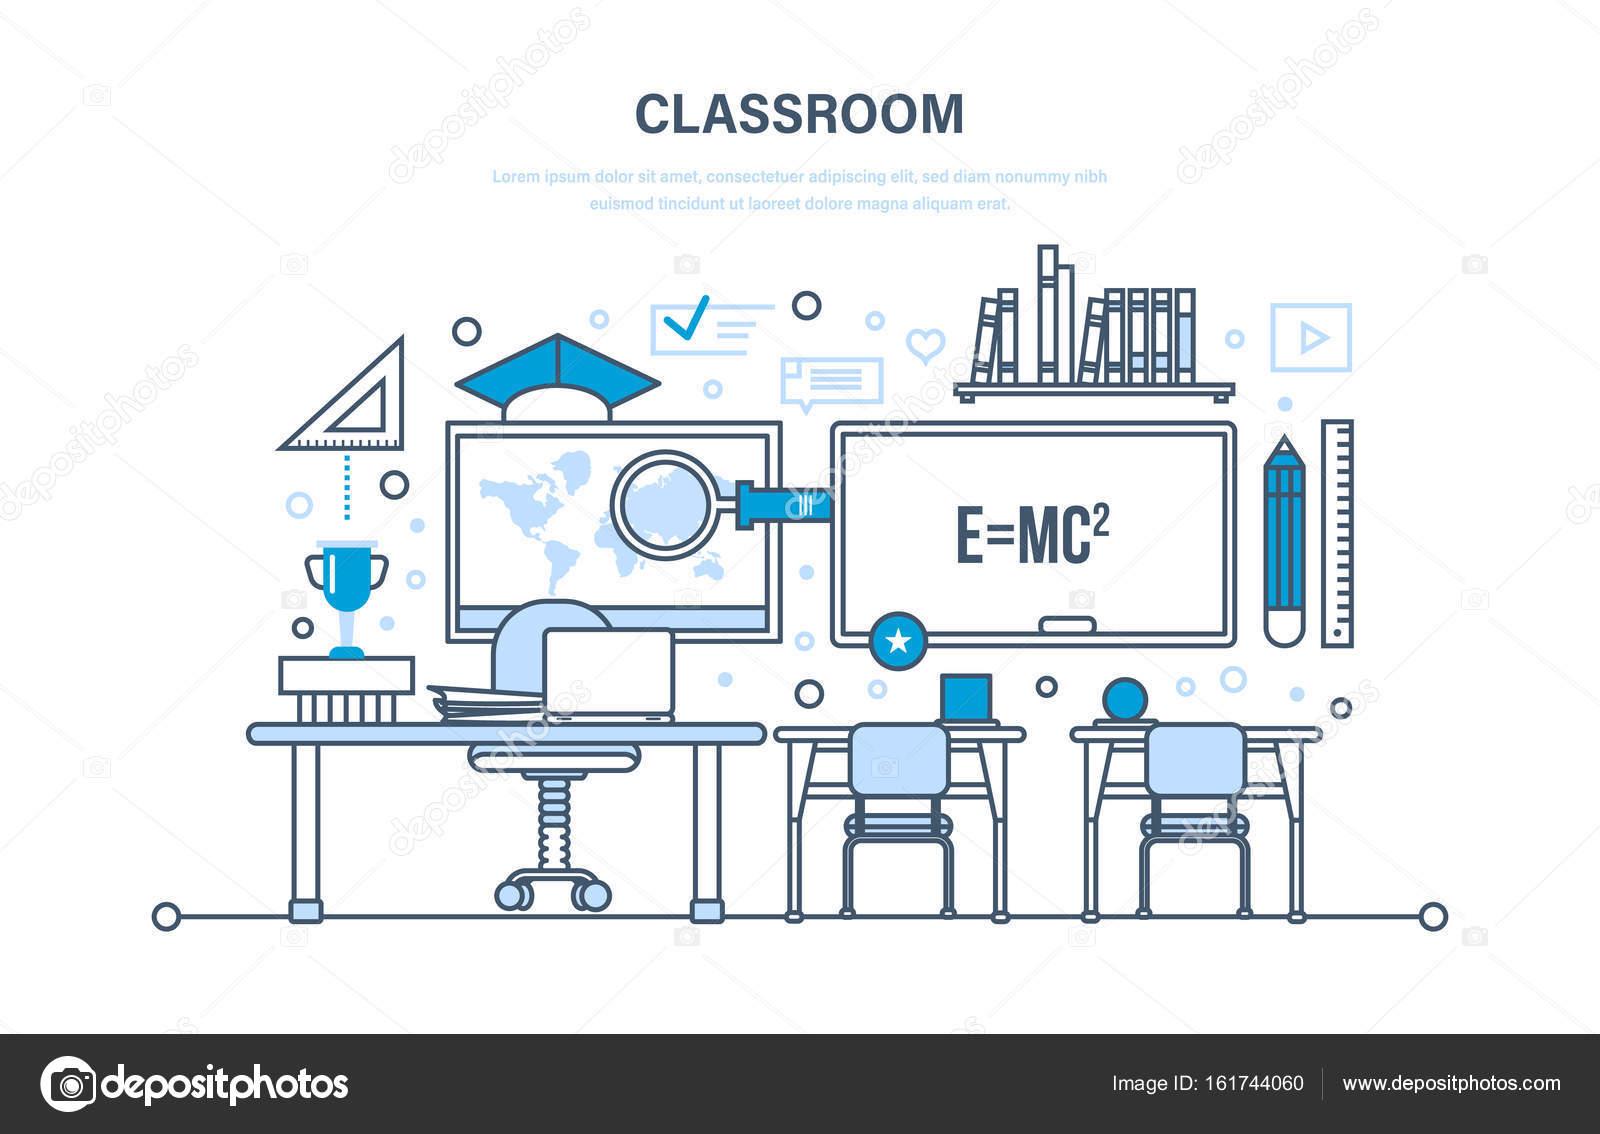 klas interieur van kamer modern systeem van onderwijs opleiding leren werkplek kennis onderwijs vaardigheden illustratie dunne lijn ontwerp van